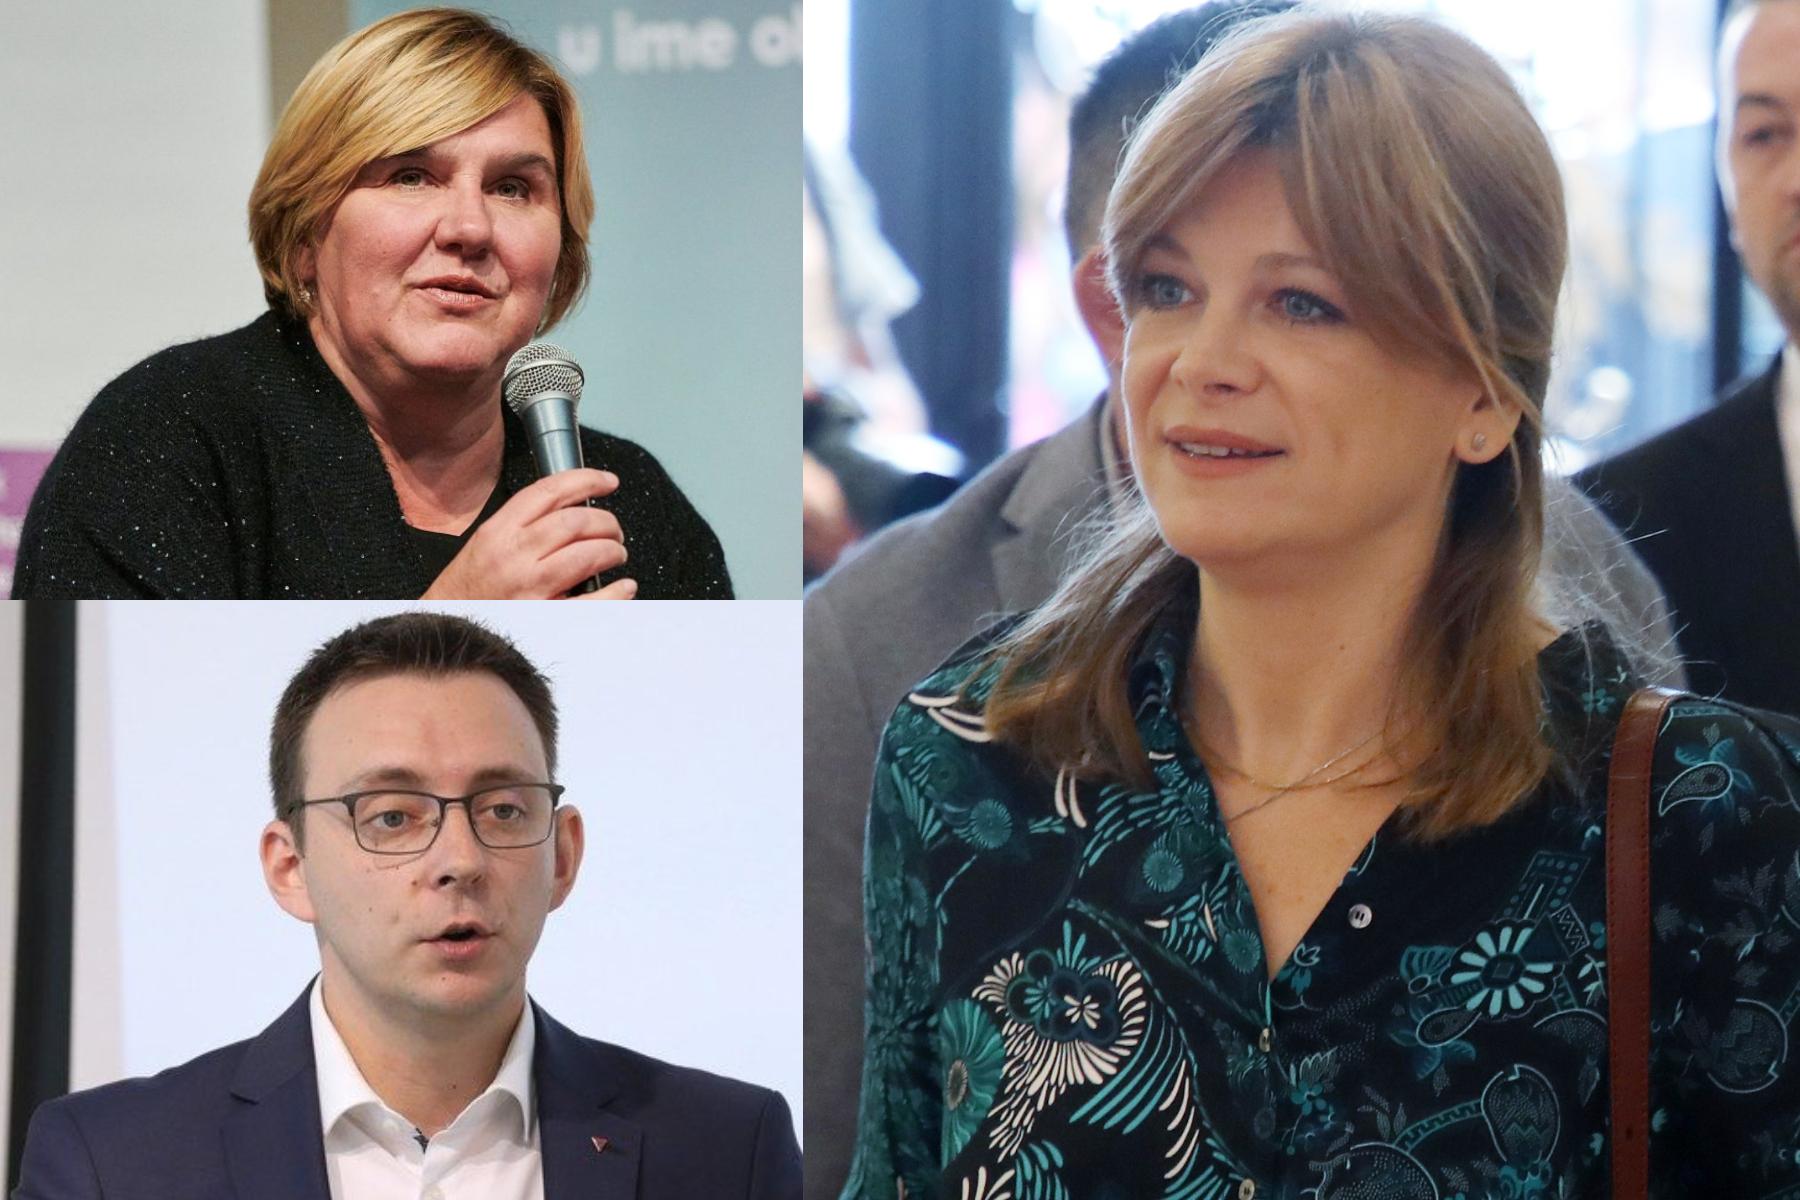 Markić poduprla Vidović Krišto, Glavašević iznio neistine i dobio brz odgovor